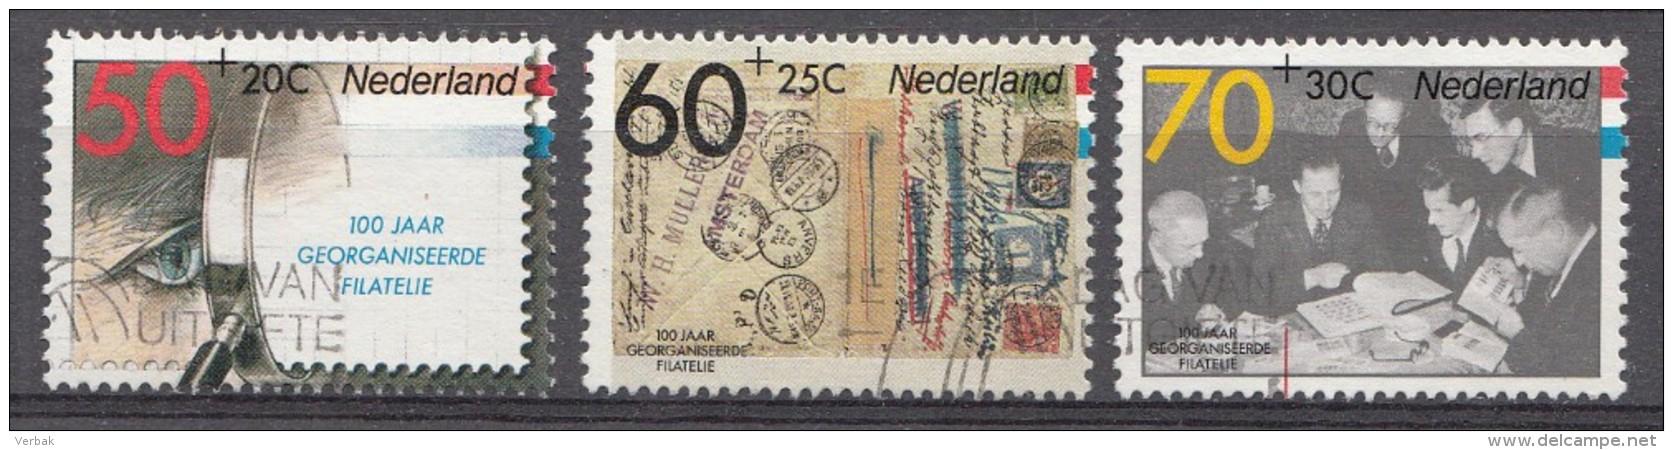 Pays-Bas 1984  Mi.nr.: 1253-1255 Intern.Briefmarkenausstellung FILACENTO  Oblitérés / Used / Gestempeld - Gebruikt